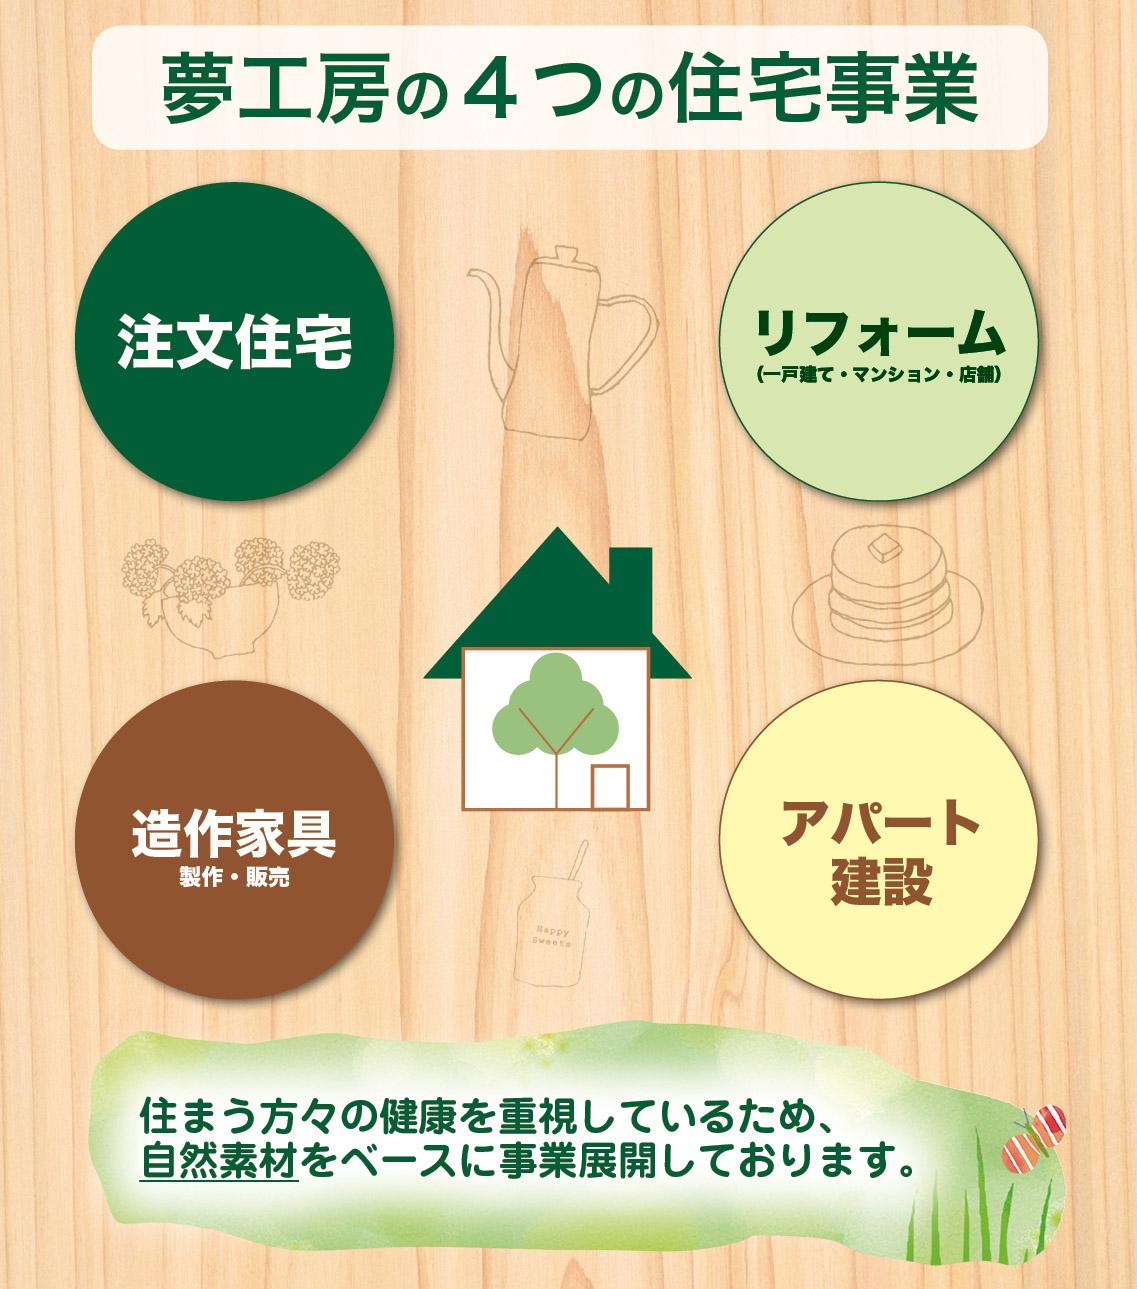 夢工房の4つの住宅事業